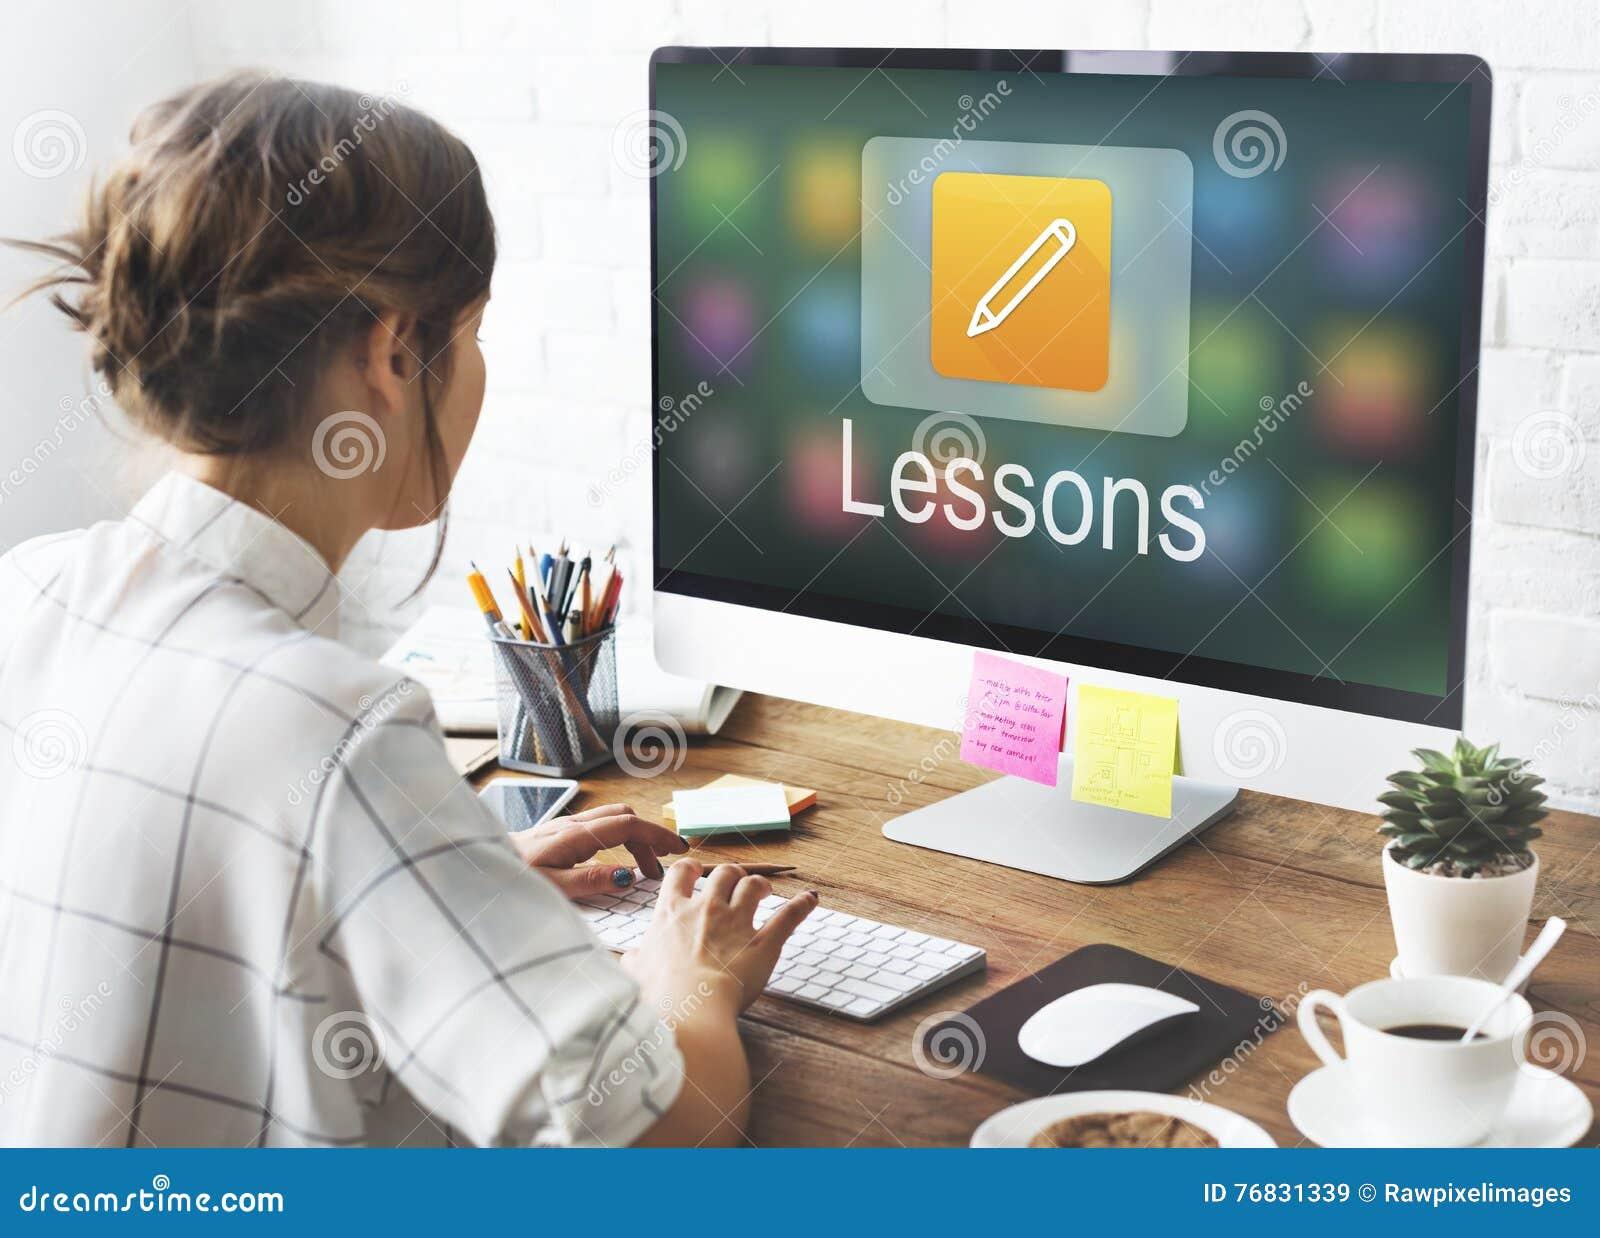 Educación en línea del icono del lápiz que aprende concepto gráfico